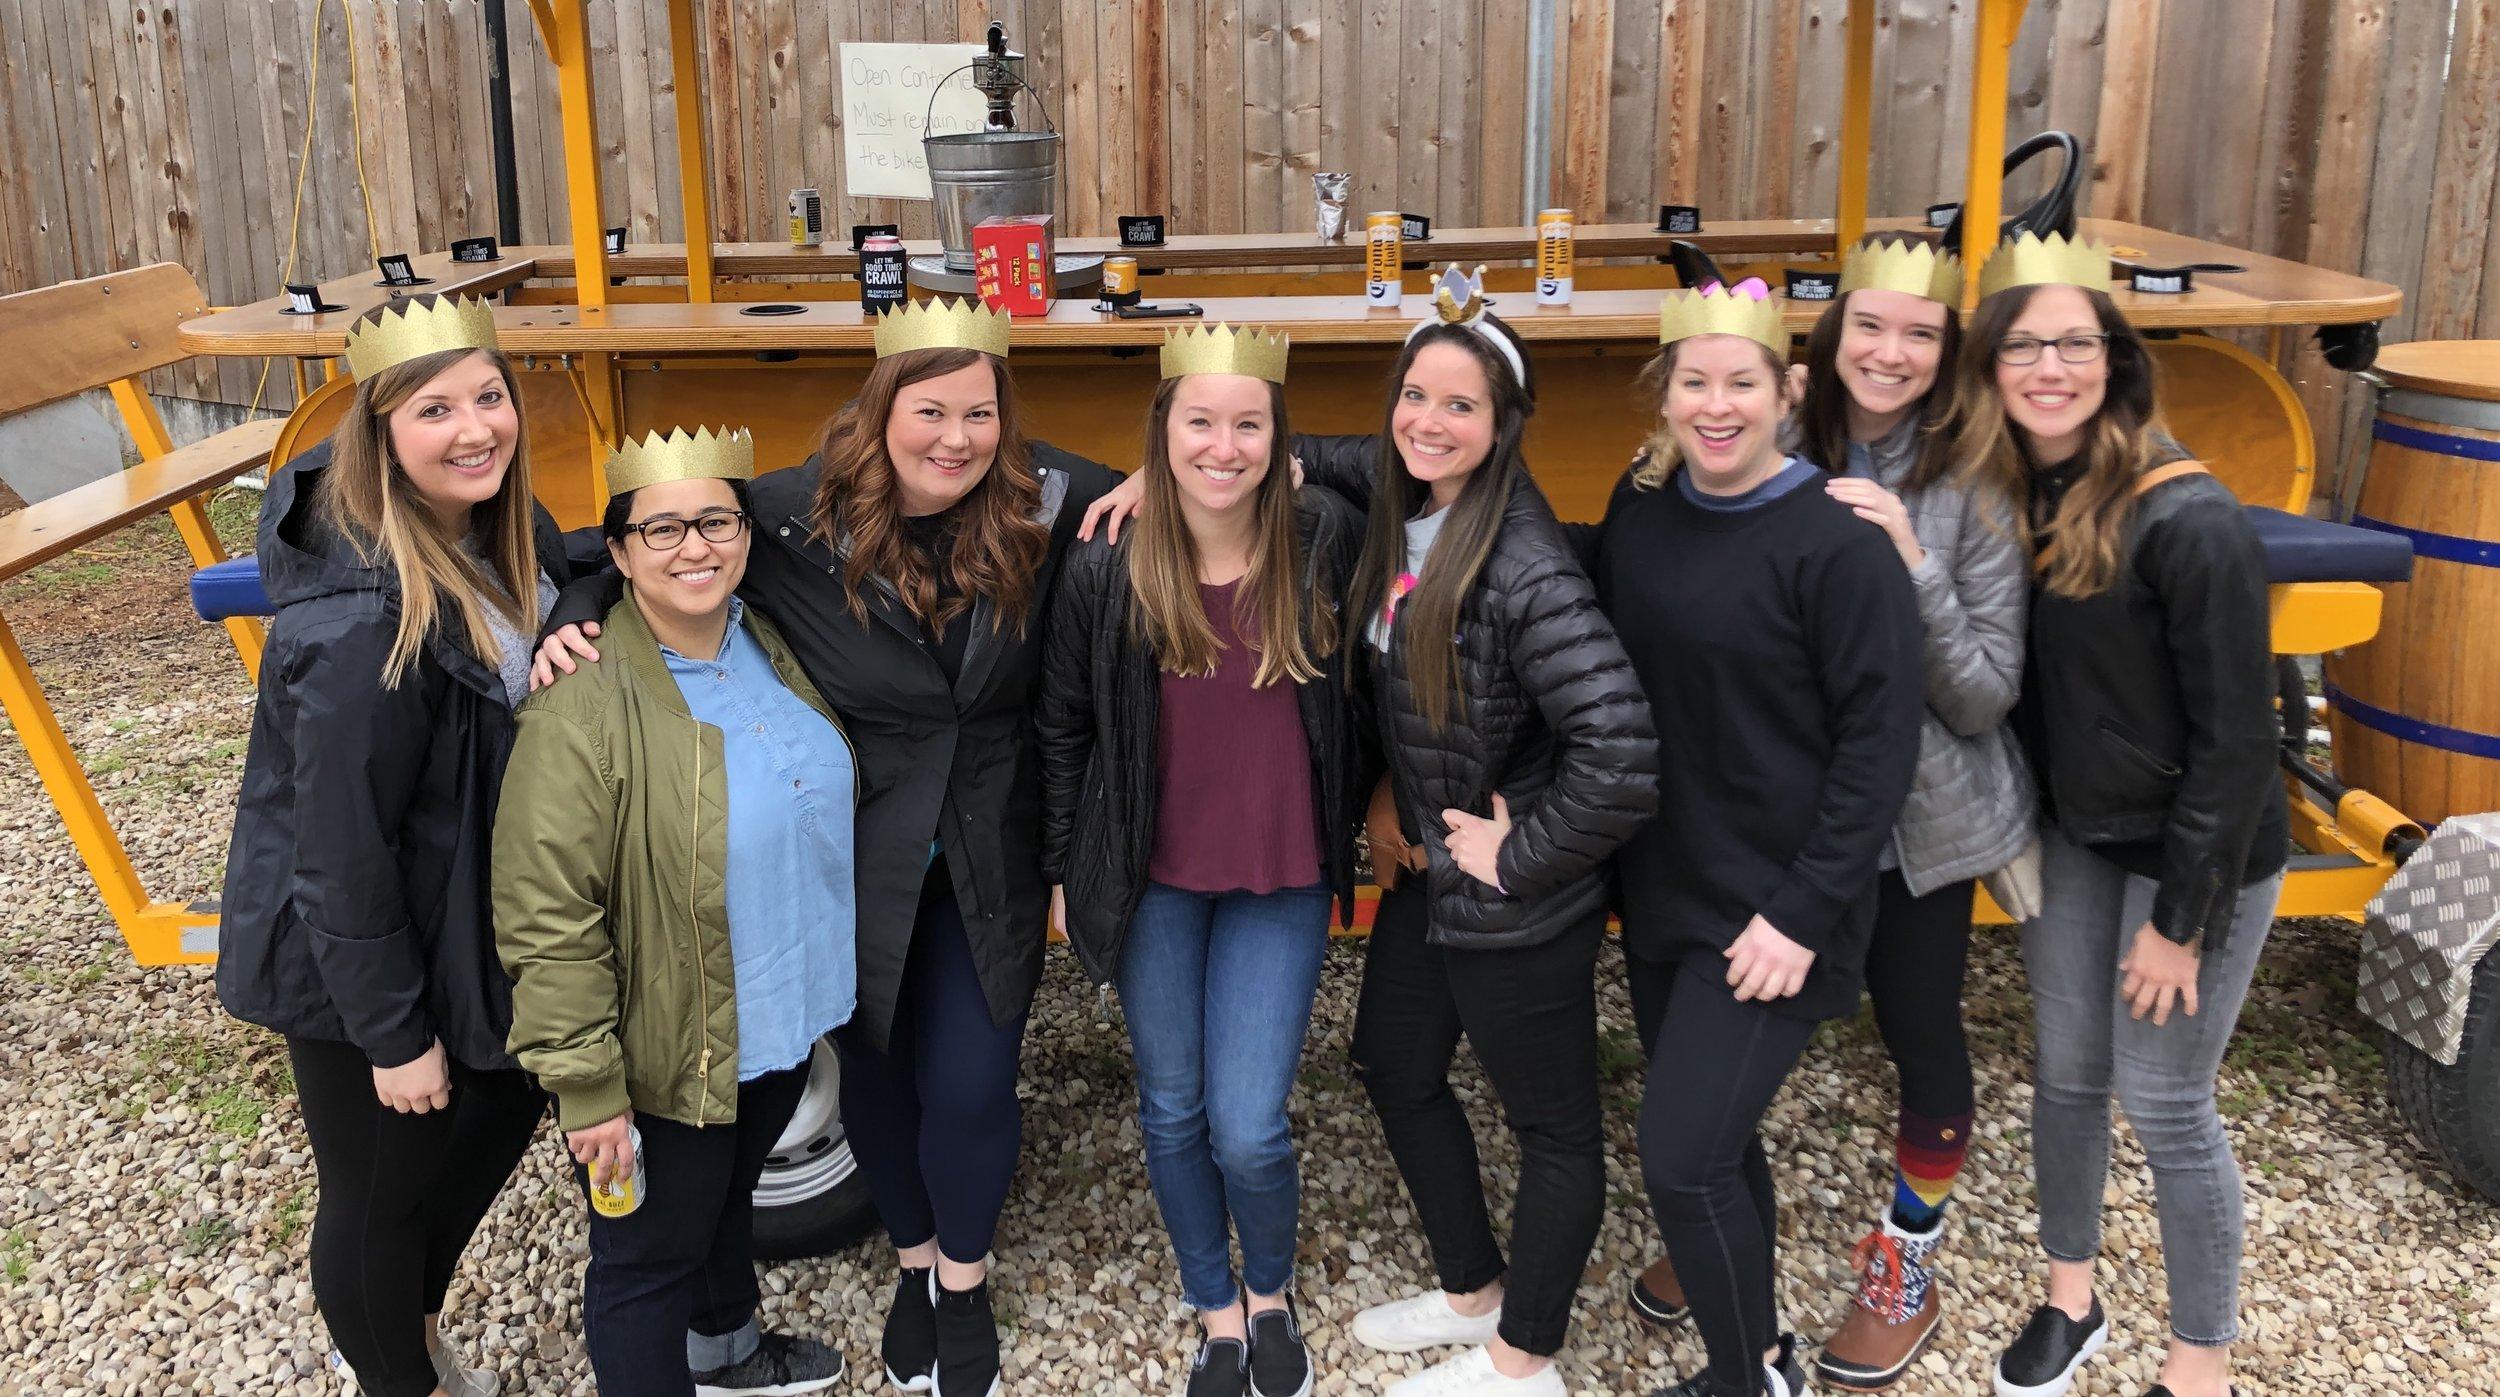 Allie, Nicki, Sarah, Samantha, Bri, Kelsey, April